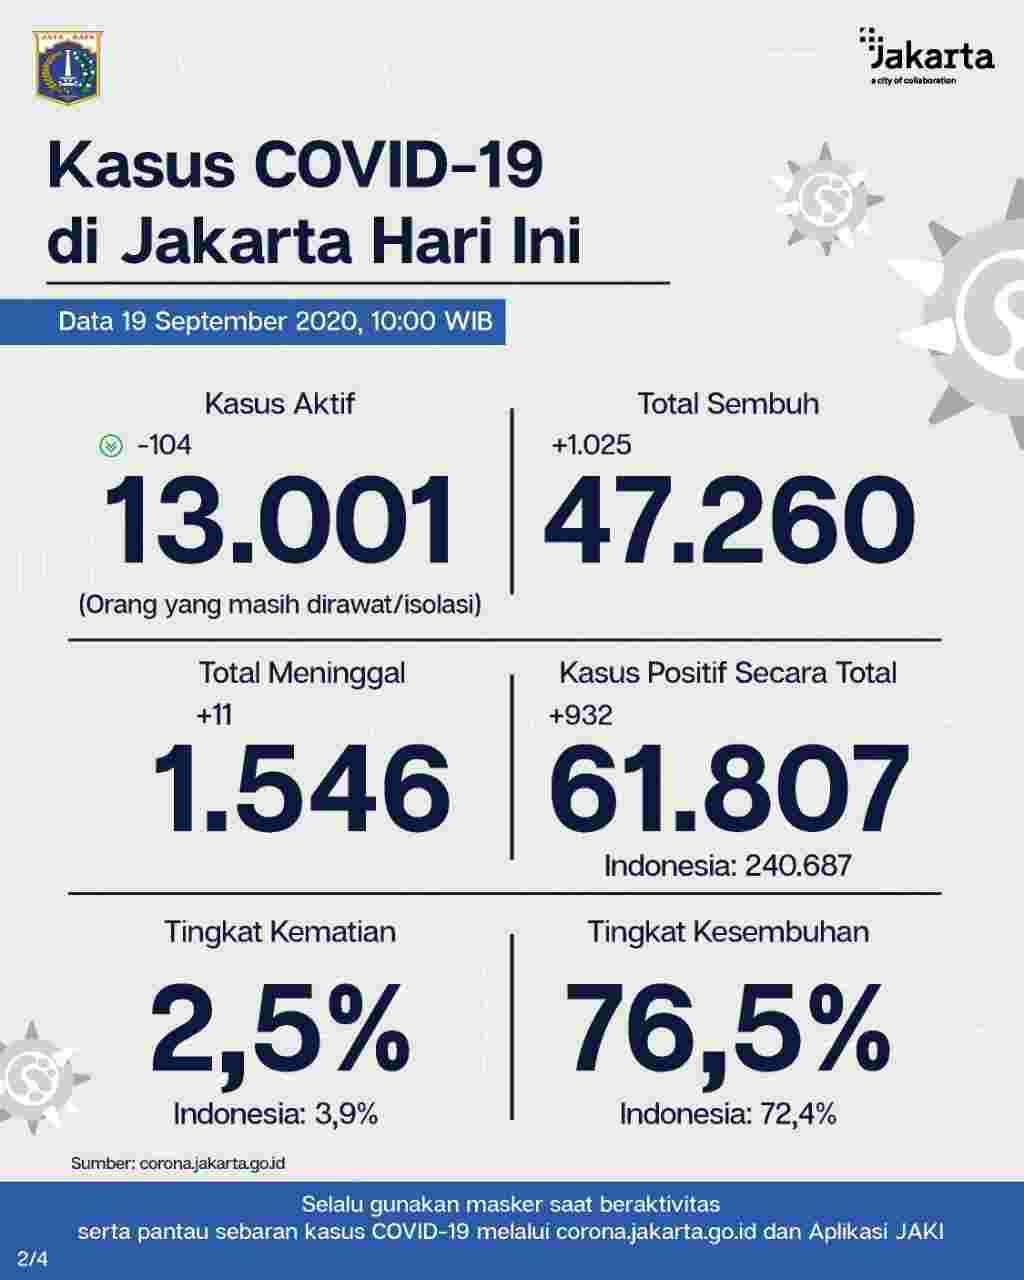 Perkembangan Covid-19 di Jakarta Per 19 September 2020